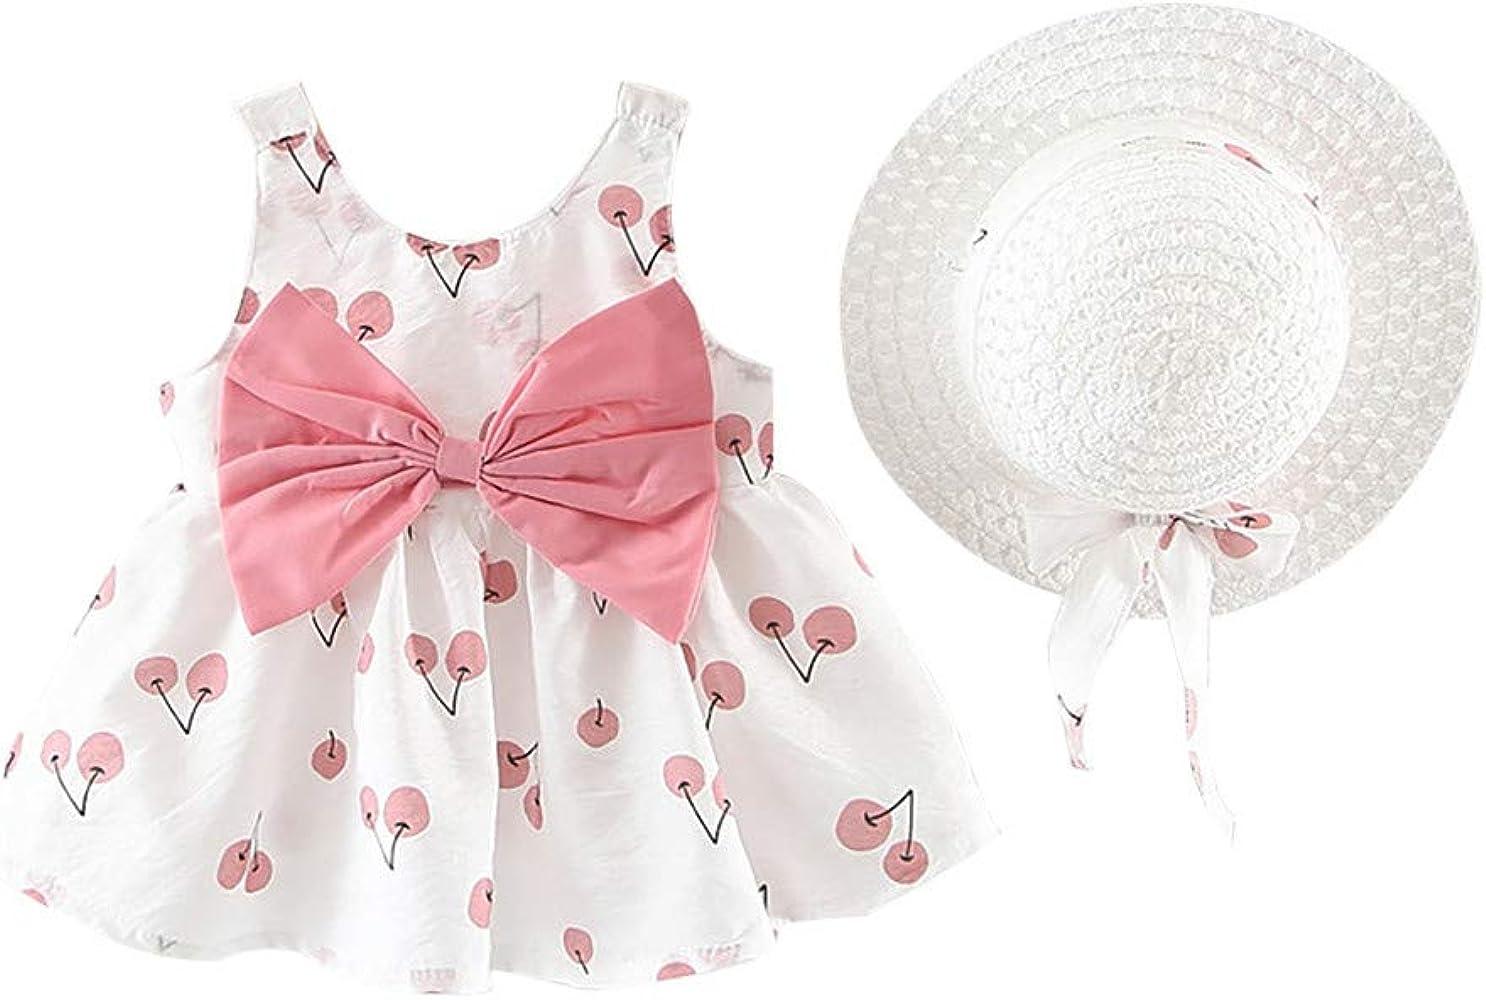 924fd74b33d1 Baiomawzh Ropa Bebe Niña Verano 2PC/Conjuntos-Mini Vestidos+Sombrero de  Paja, Falda Princesa sin Mangas con Estampado DE Cereza Cuello Redondo  Bowknot ...